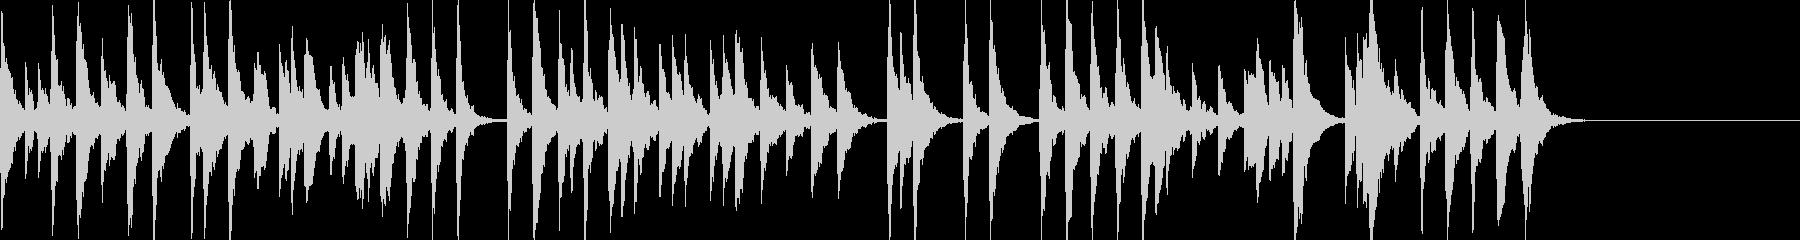 「スカボローフェア」オルゴールbpm66の未再生の波形